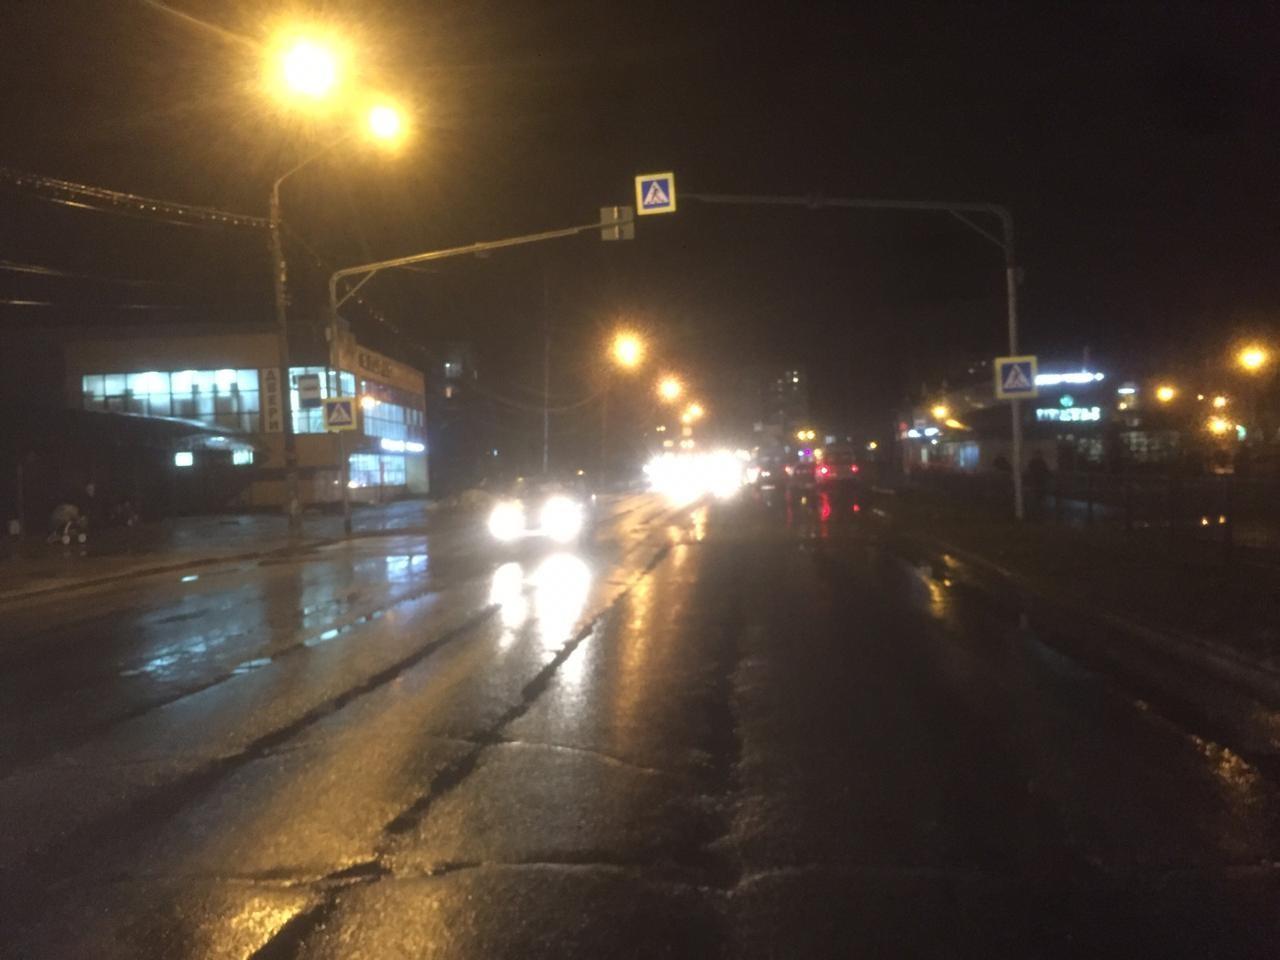 Дорожно-транспортное происшествие произошло 24 ноября в 17.20 на улице Энергетиков у дома 11А в городе Конаково. Об этом сообщила Госавтоинспекция Тверской области. Автомобиль